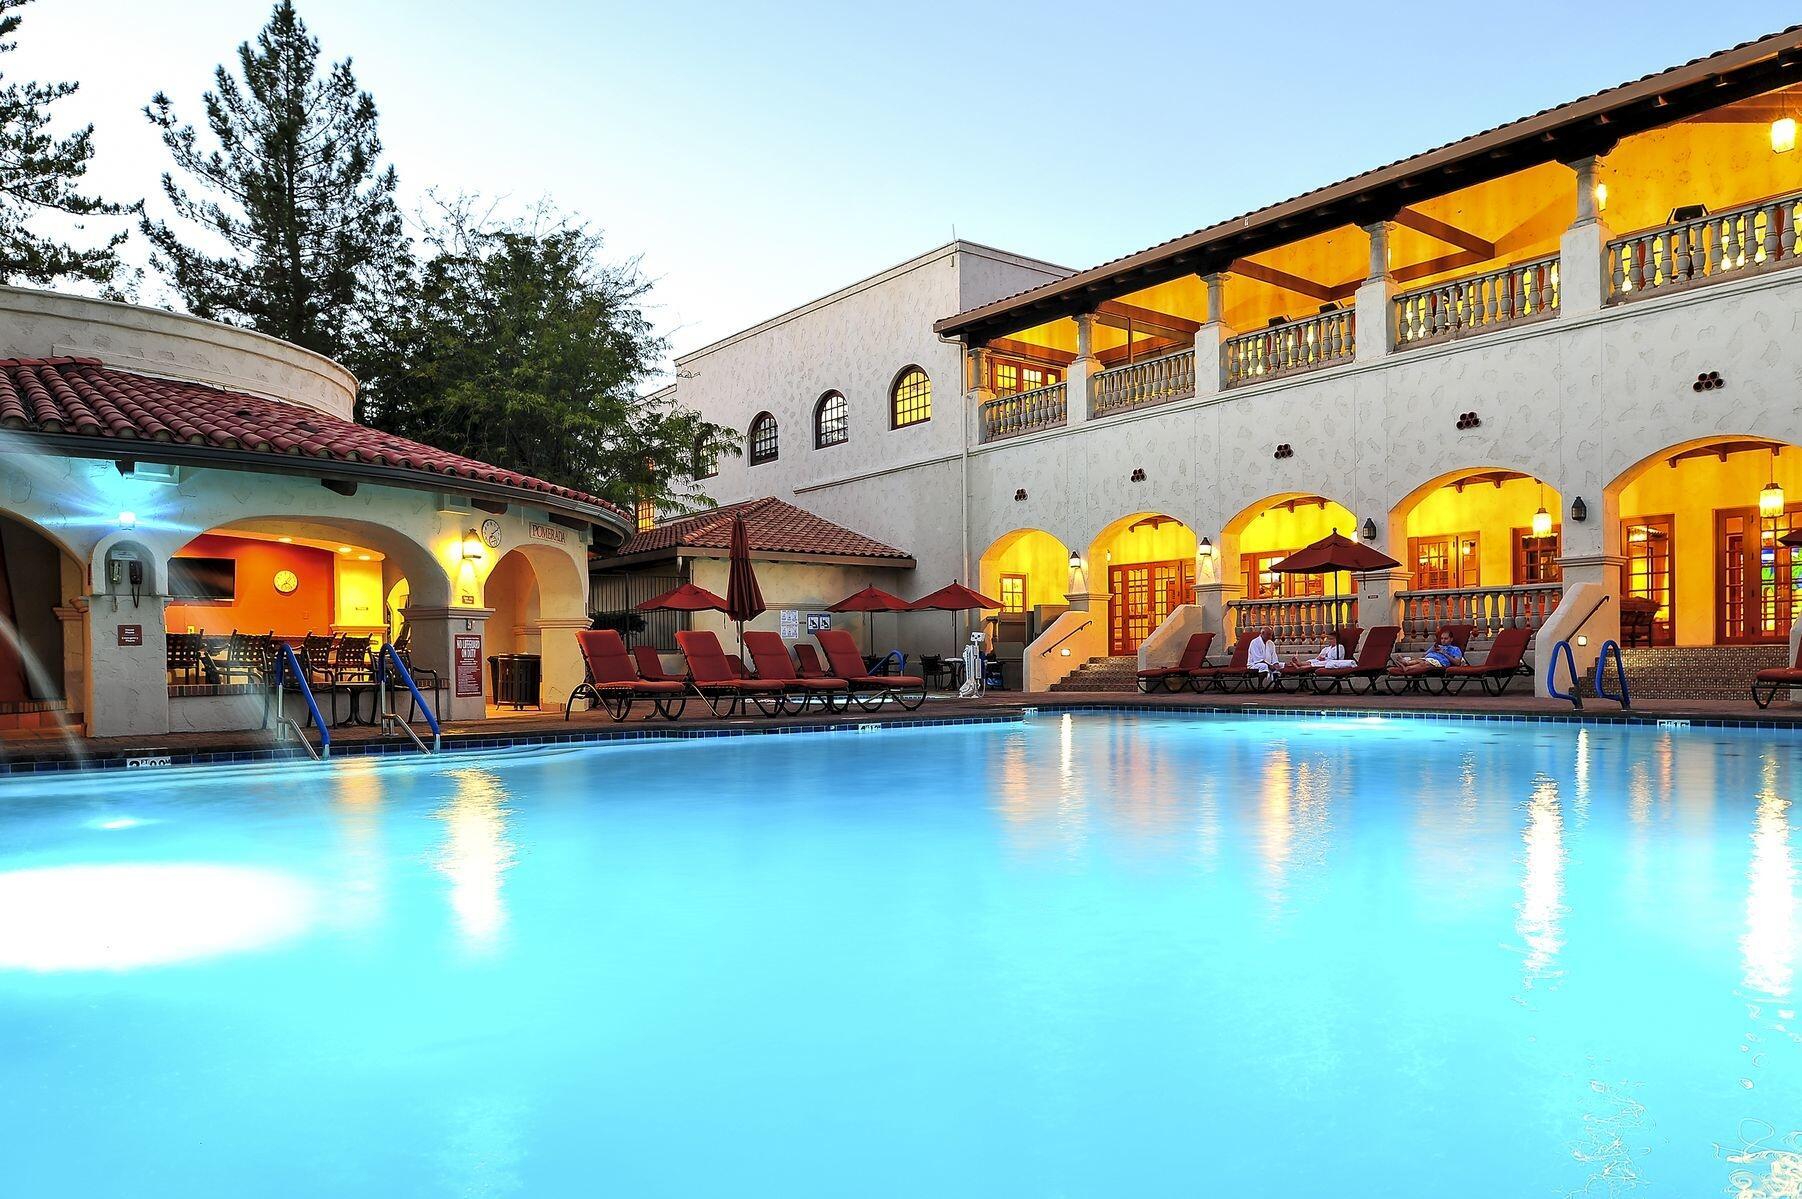 Outdoor Pool at Los Abrigados Resort in Sedona, Arizona